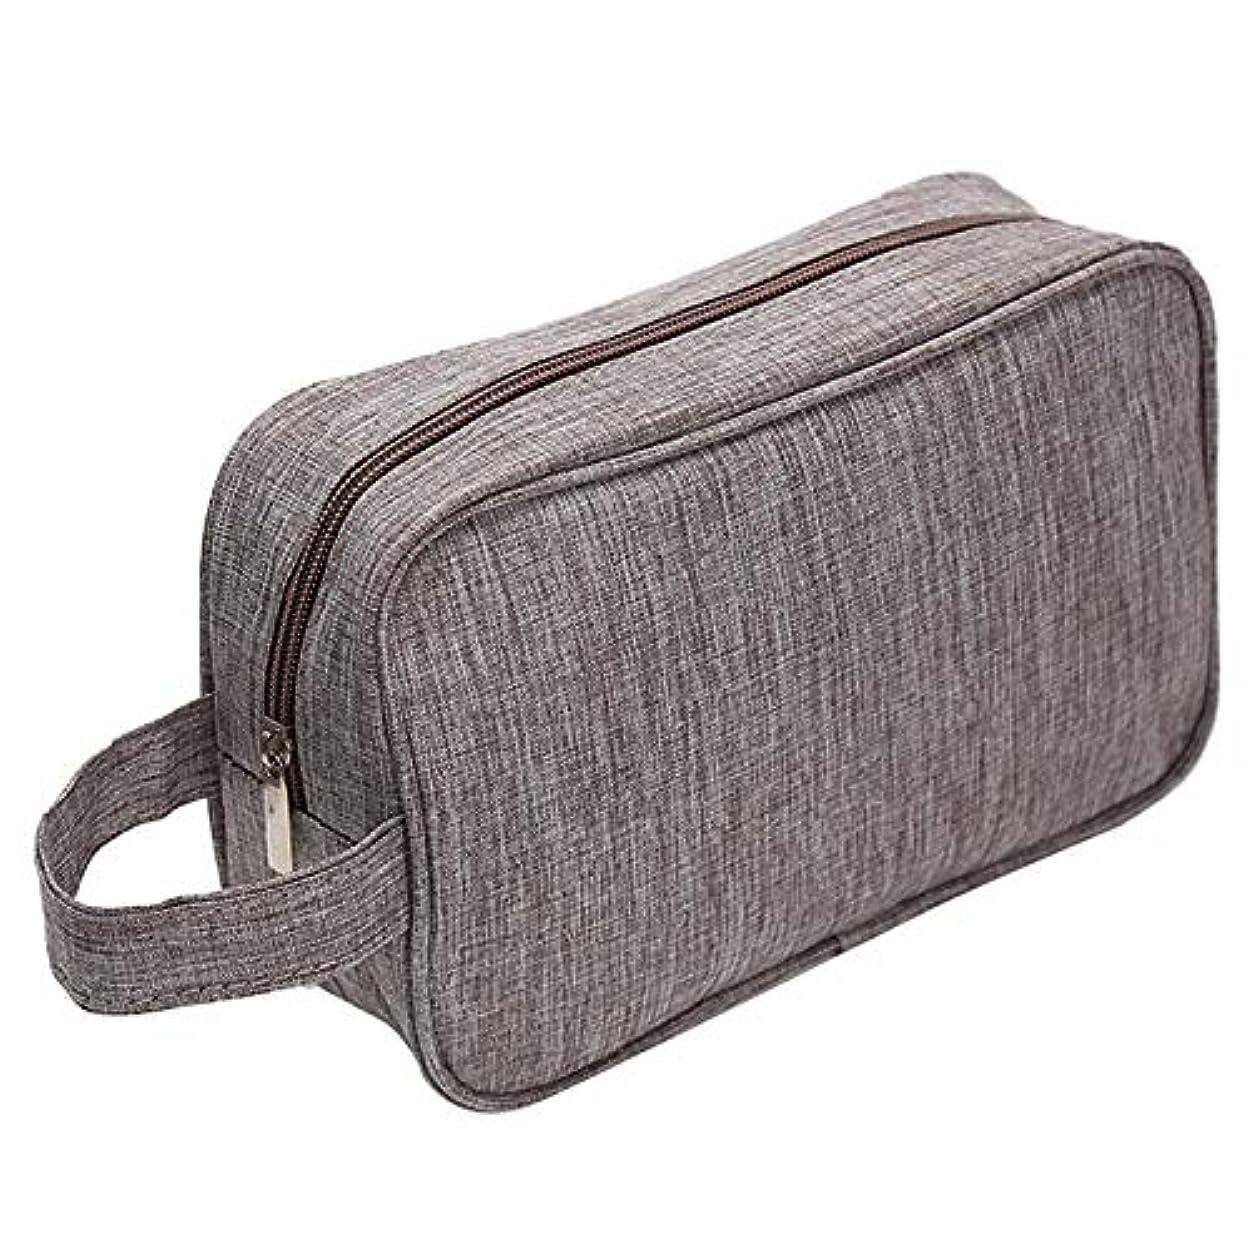 準備する蒸し器コンパクトTOOGOO コーヒー女性男性用、小さな防水化粧バッグ、旅行美容化粧品バッグ、オーガナイザーケース、メイクアップトイレタリーバッグ